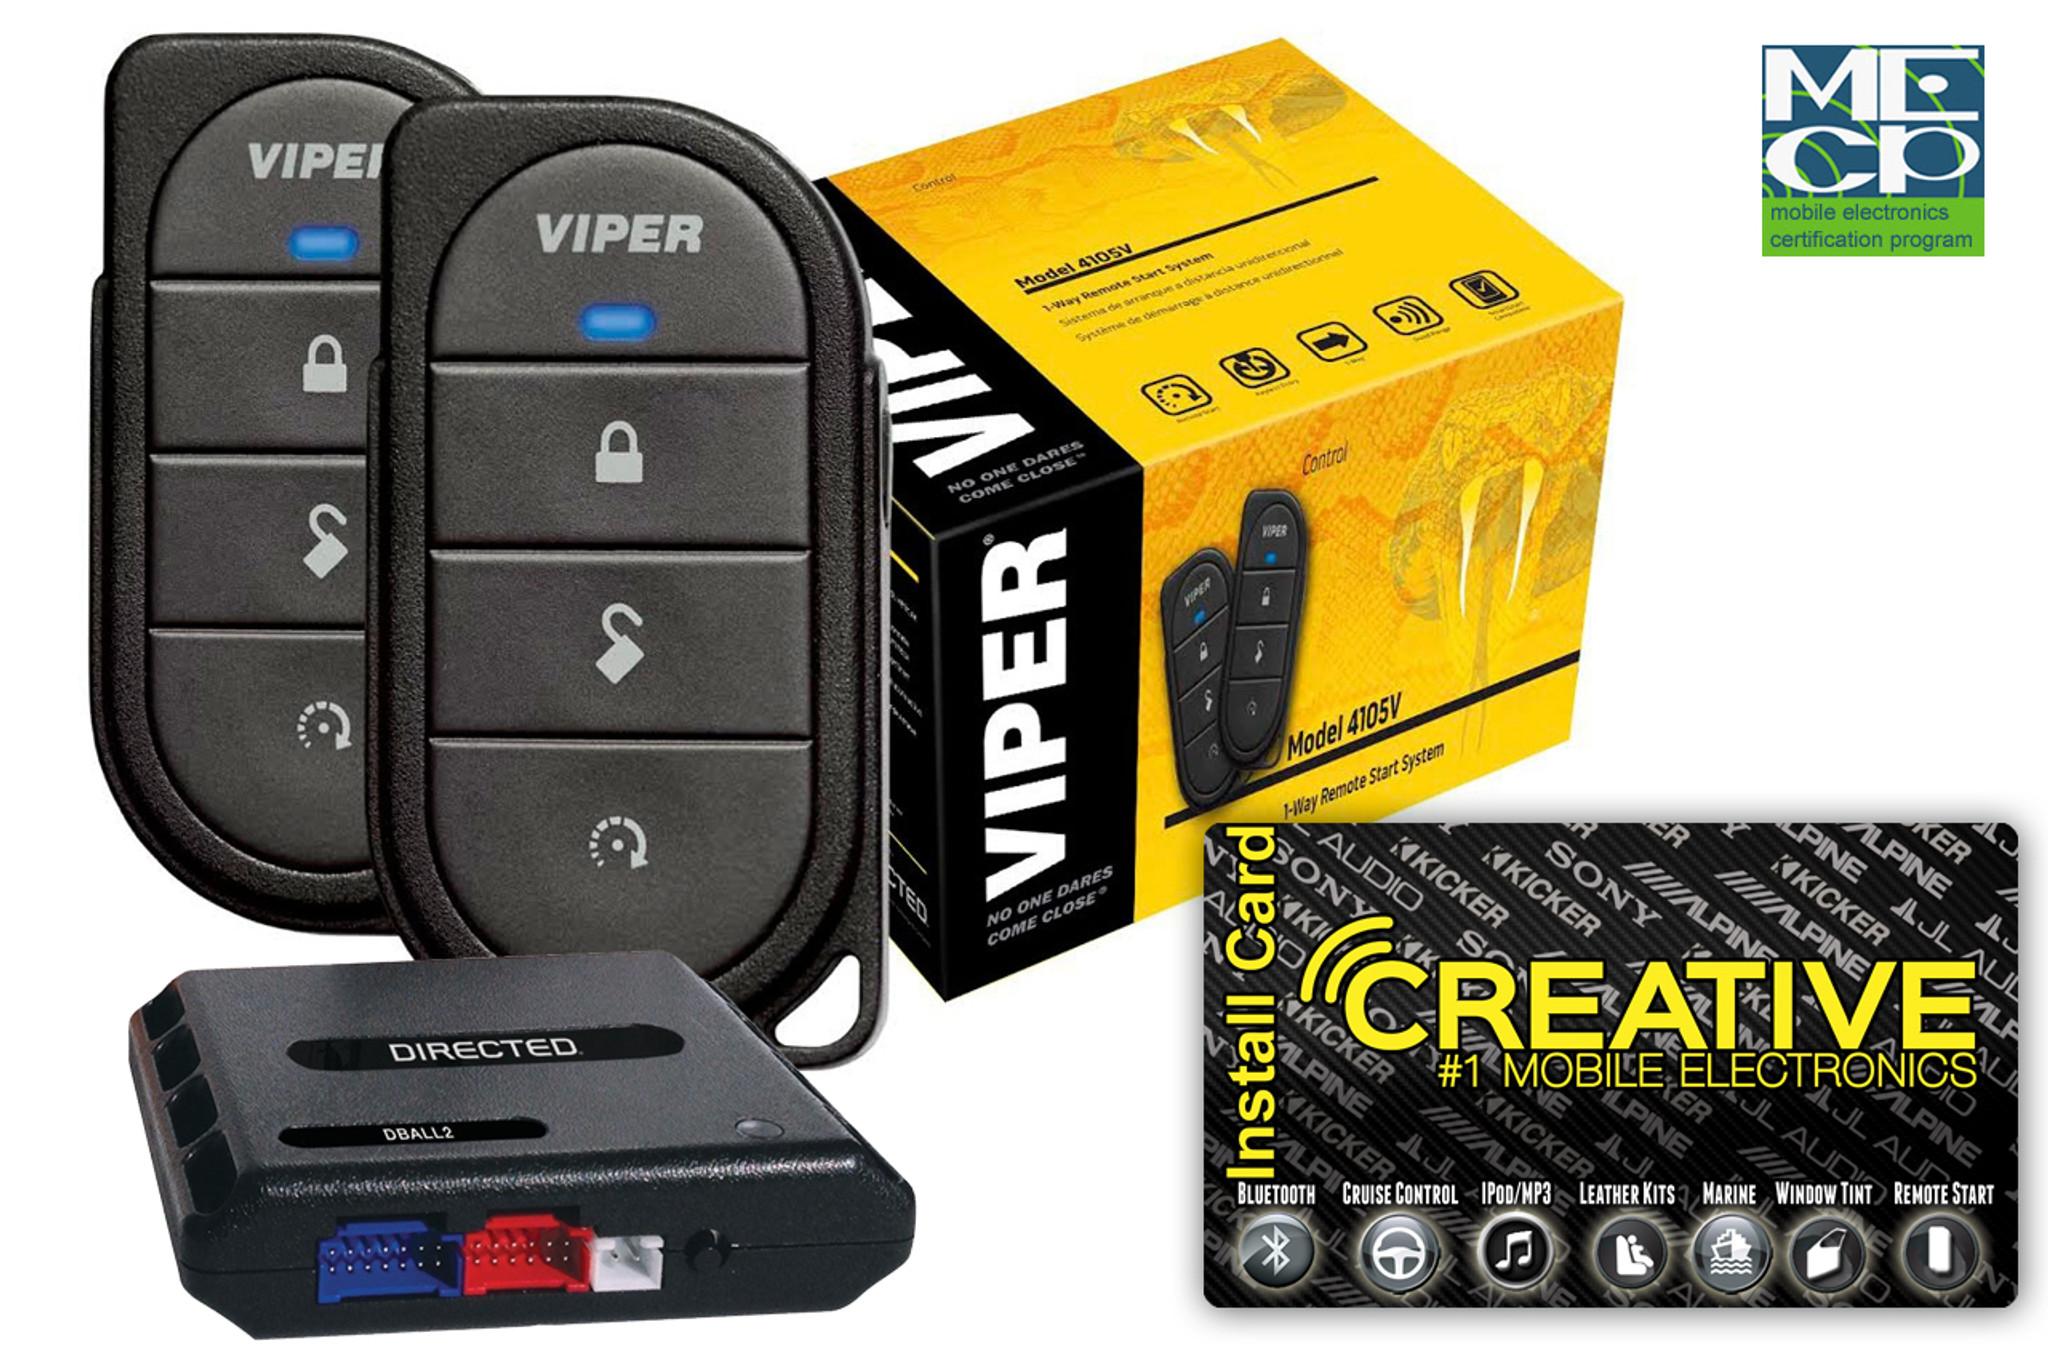 viper tools, viper exhaust, viper blue, viper interior, viper tires, viper antenna, viper chassis, viper electrical, viper seats, on viper 1002 wiring diagram